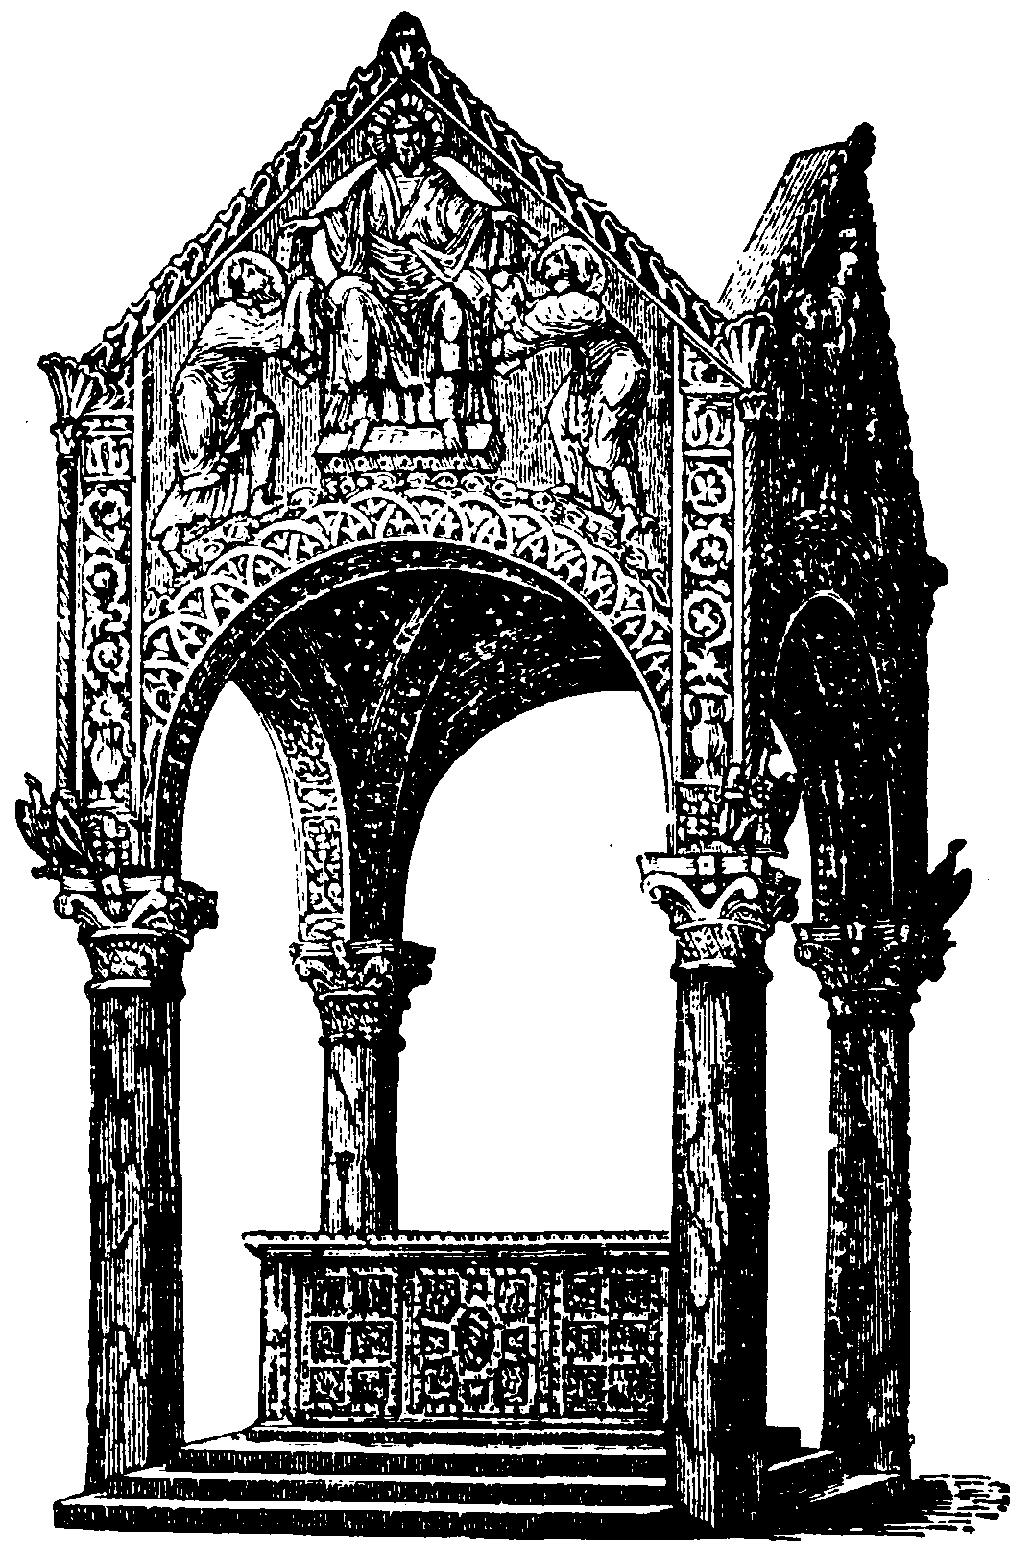 Ciborio arquitectura wikipedia la enciclopedia libre - Que es un porche en arquitectura ...